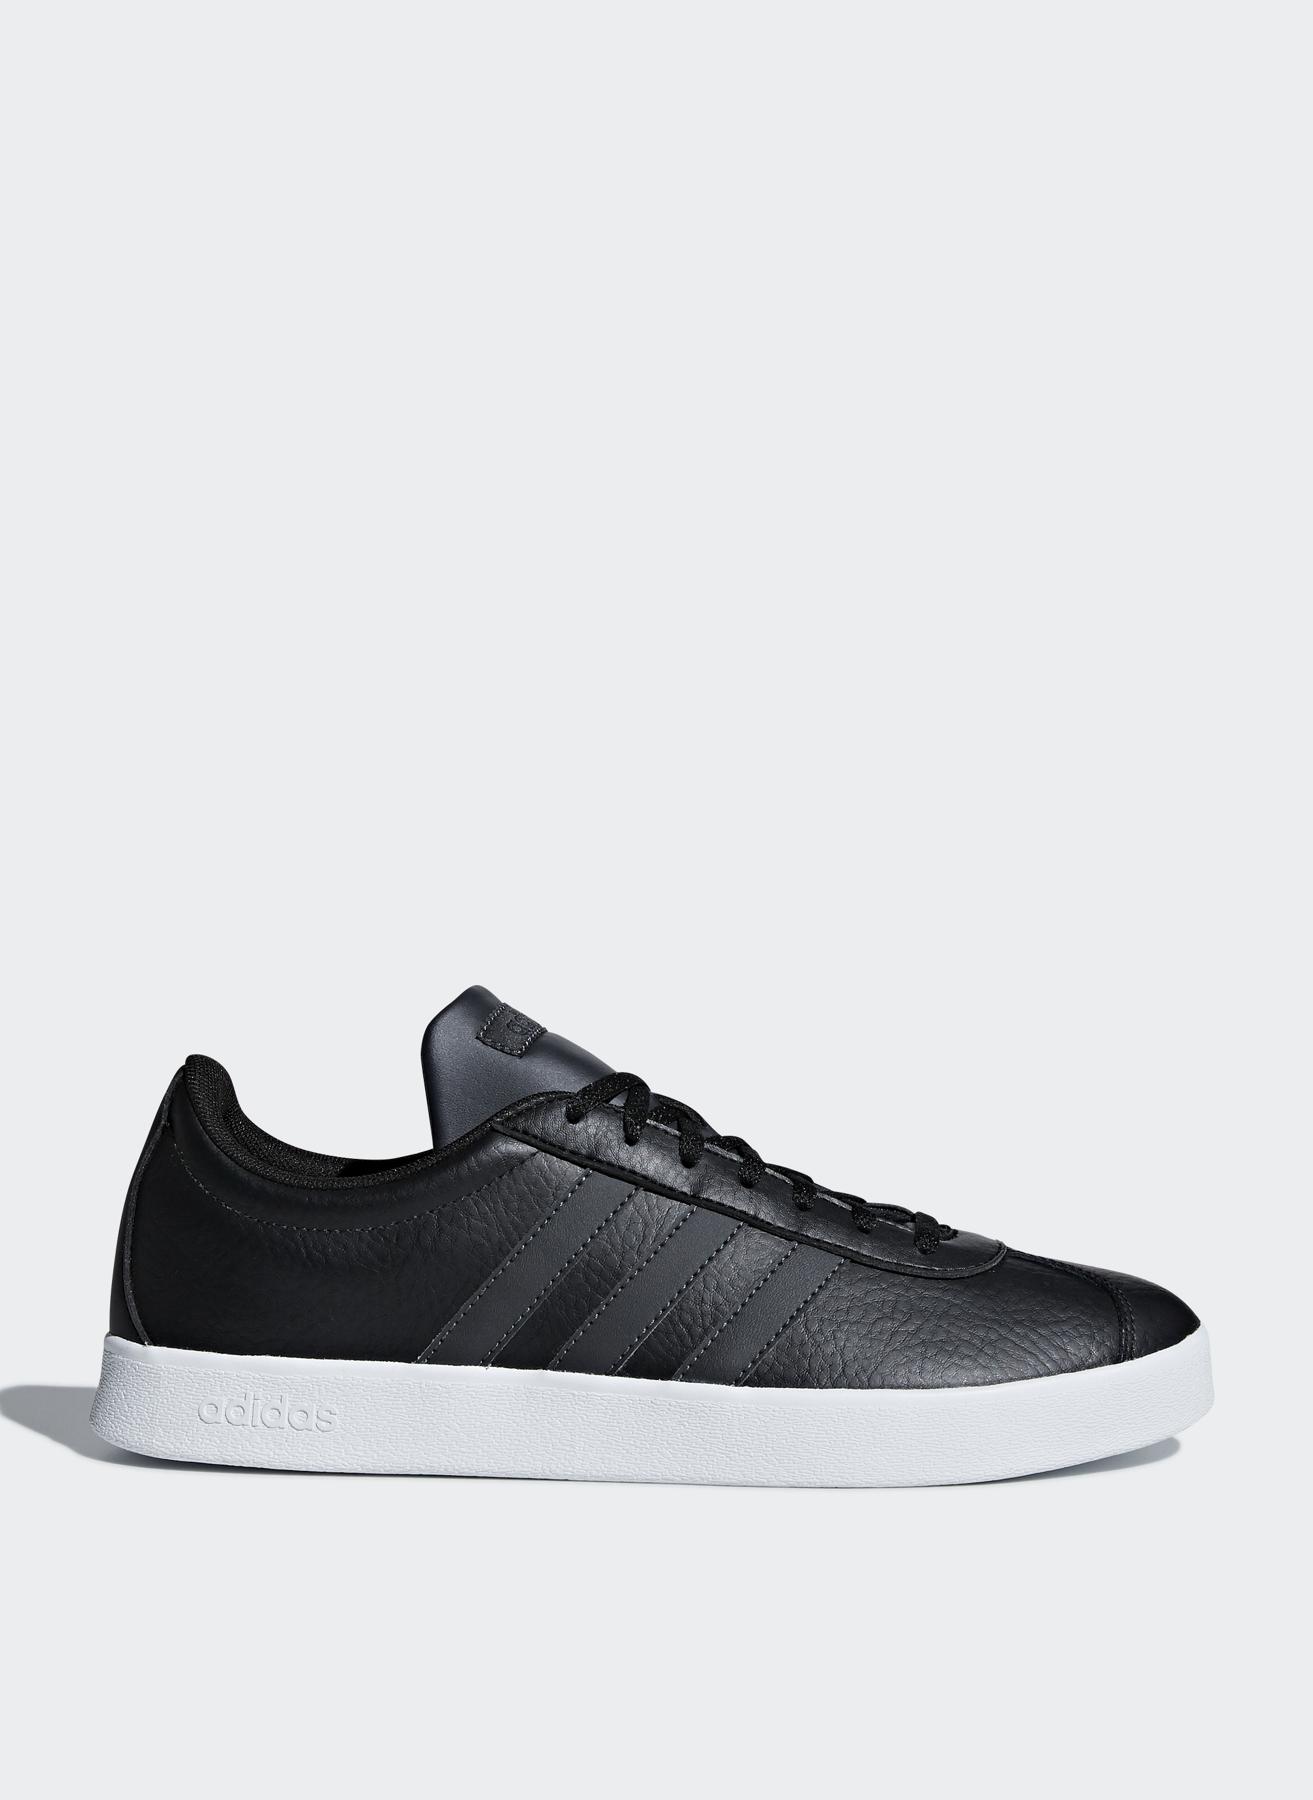 adidas VL Court 2.0 Lifestyle Ayakkabı 43.5 5002357110009 Ürün Resmi